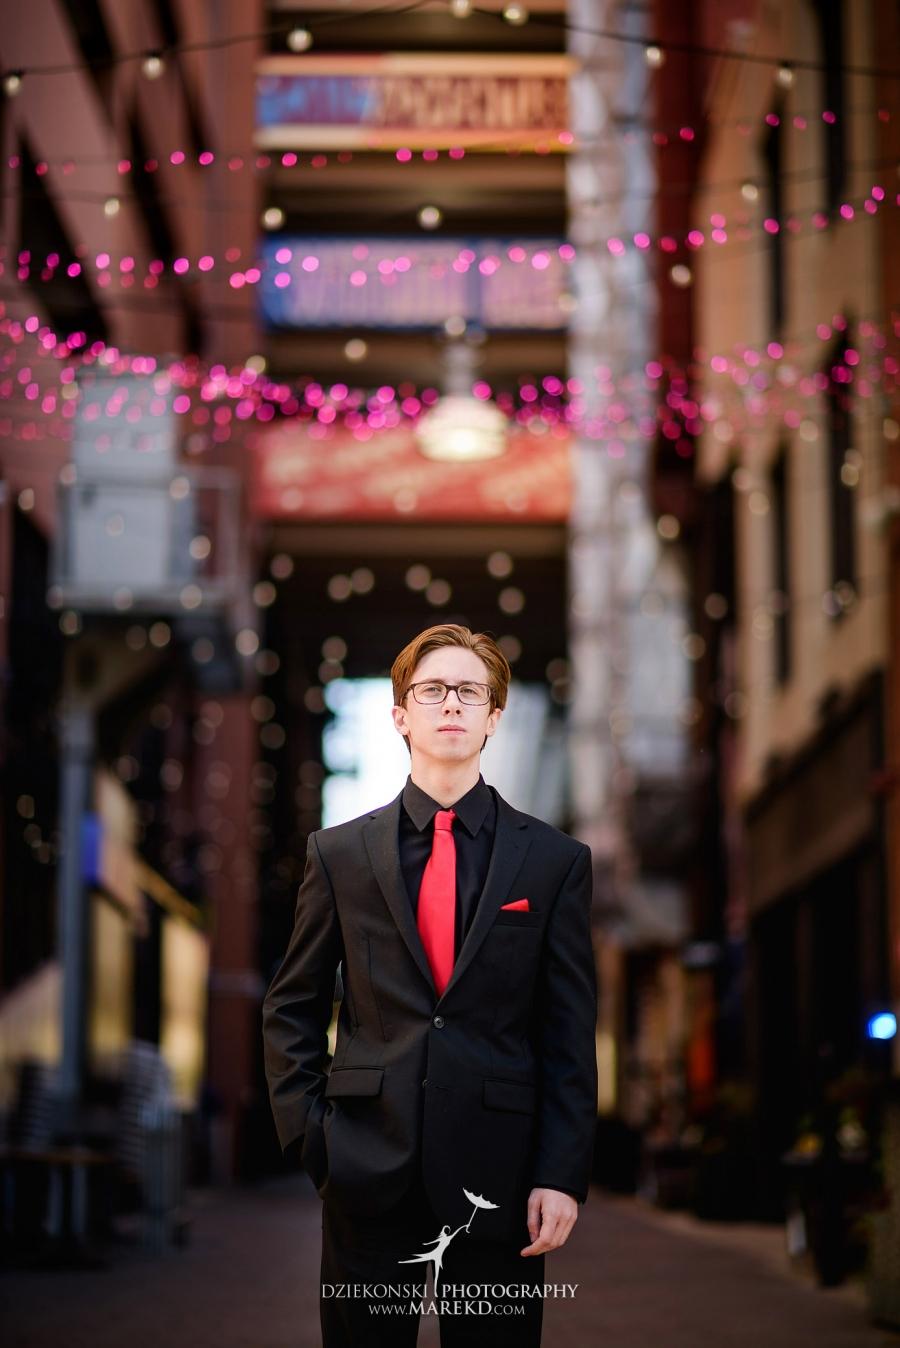 Evan Susko z lot deck belt downtown detroit pictures senior session images photographer11 - Evan